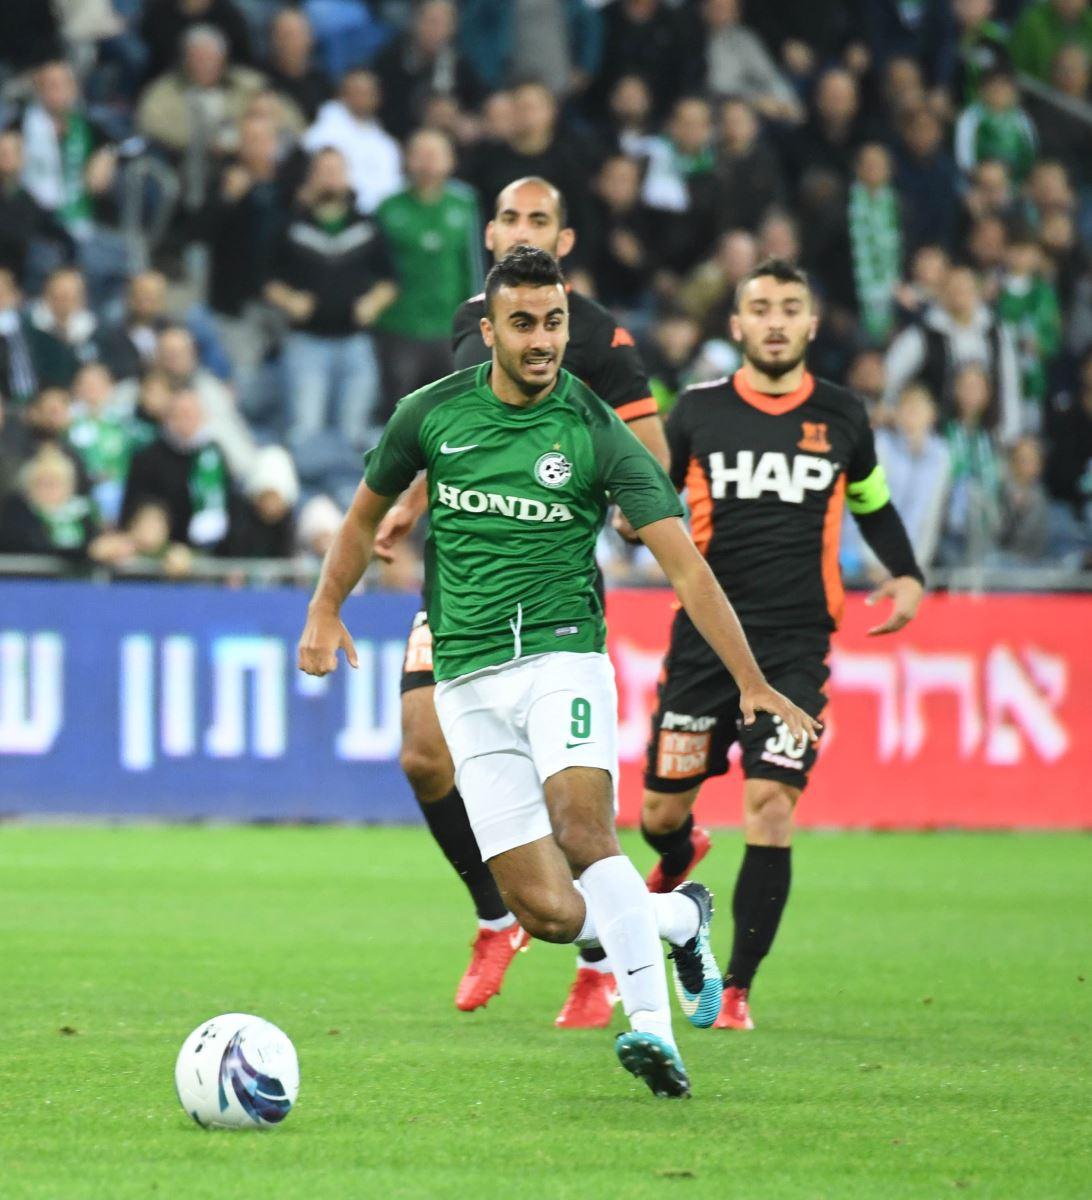 מכבי חיפה מפסידה 2:0 לבני יהודה